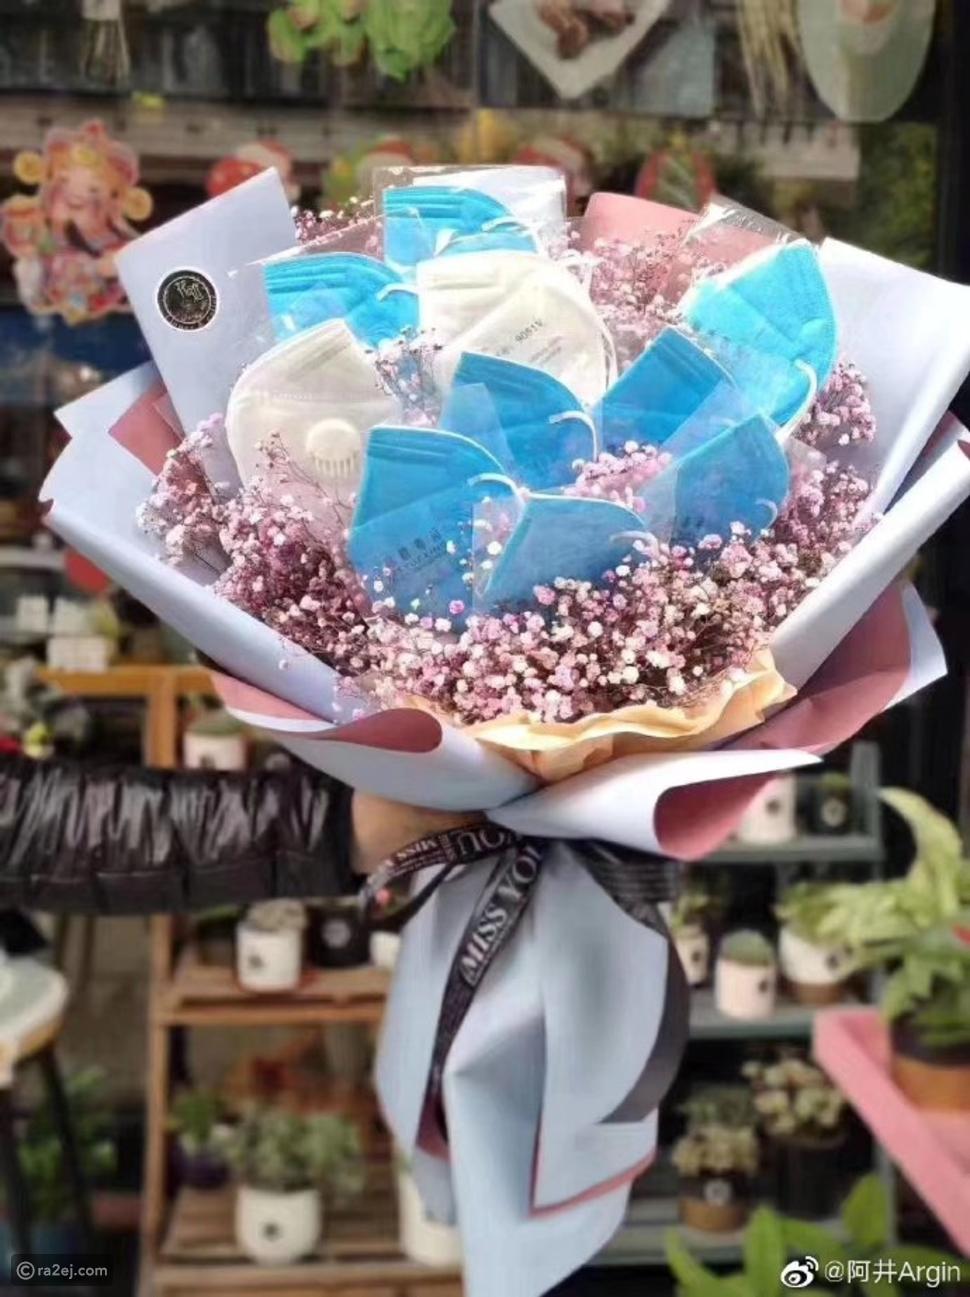 بعيد الحب: هذه الهدية الأكثر رواجاً في الصين بزمن كورونا